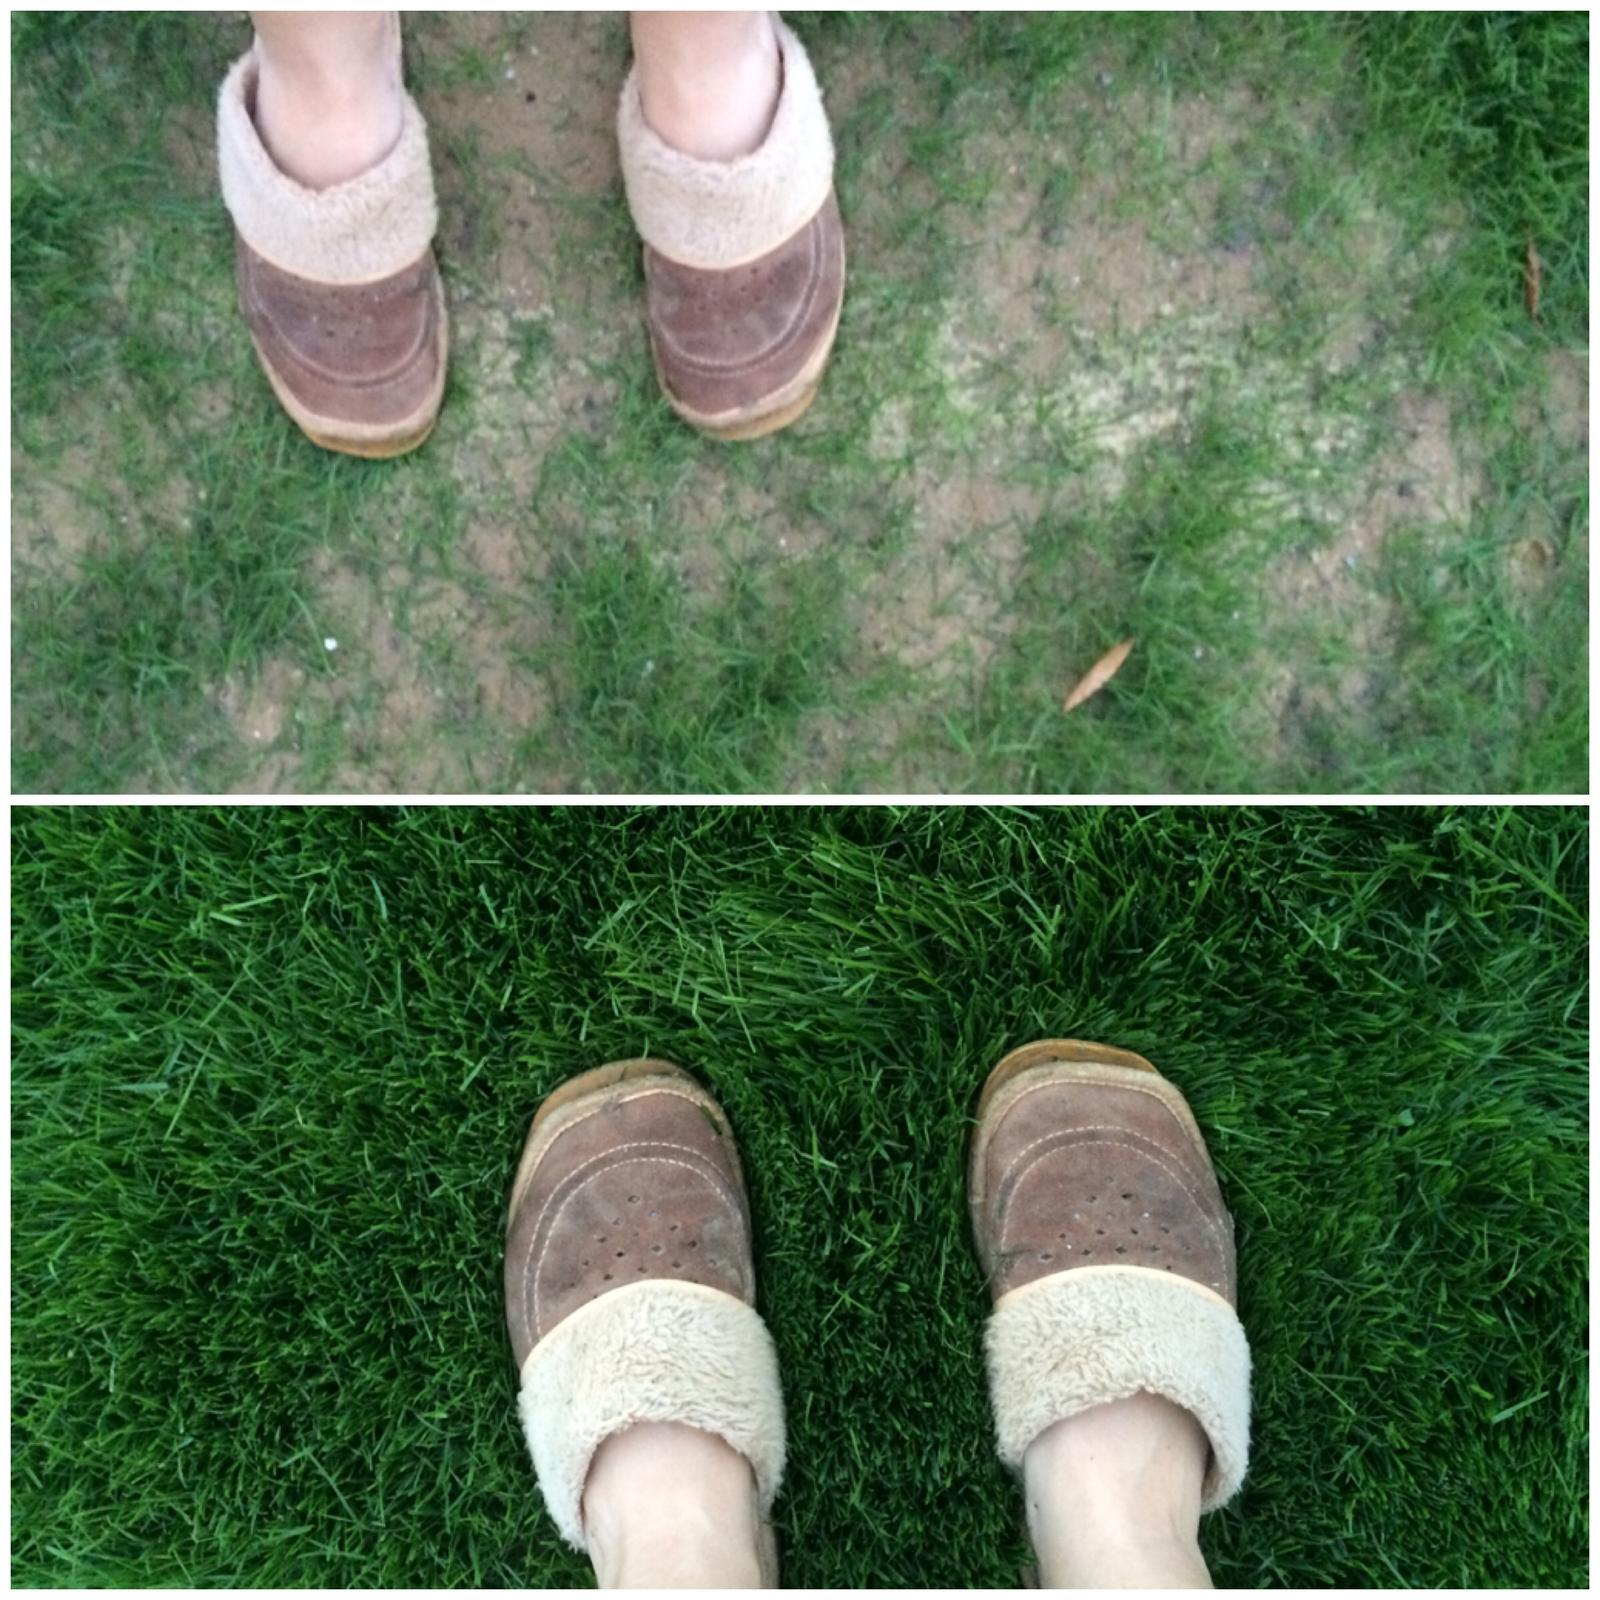 Zahrada- jak to vsechno zacalo.. - @lizaa aby to nevypadalo ze je dokonaly :-D nase nejhorsi a nejlepsi cast.. Tu vrchni uz asi nezachranime jinak nez novym zasetim..